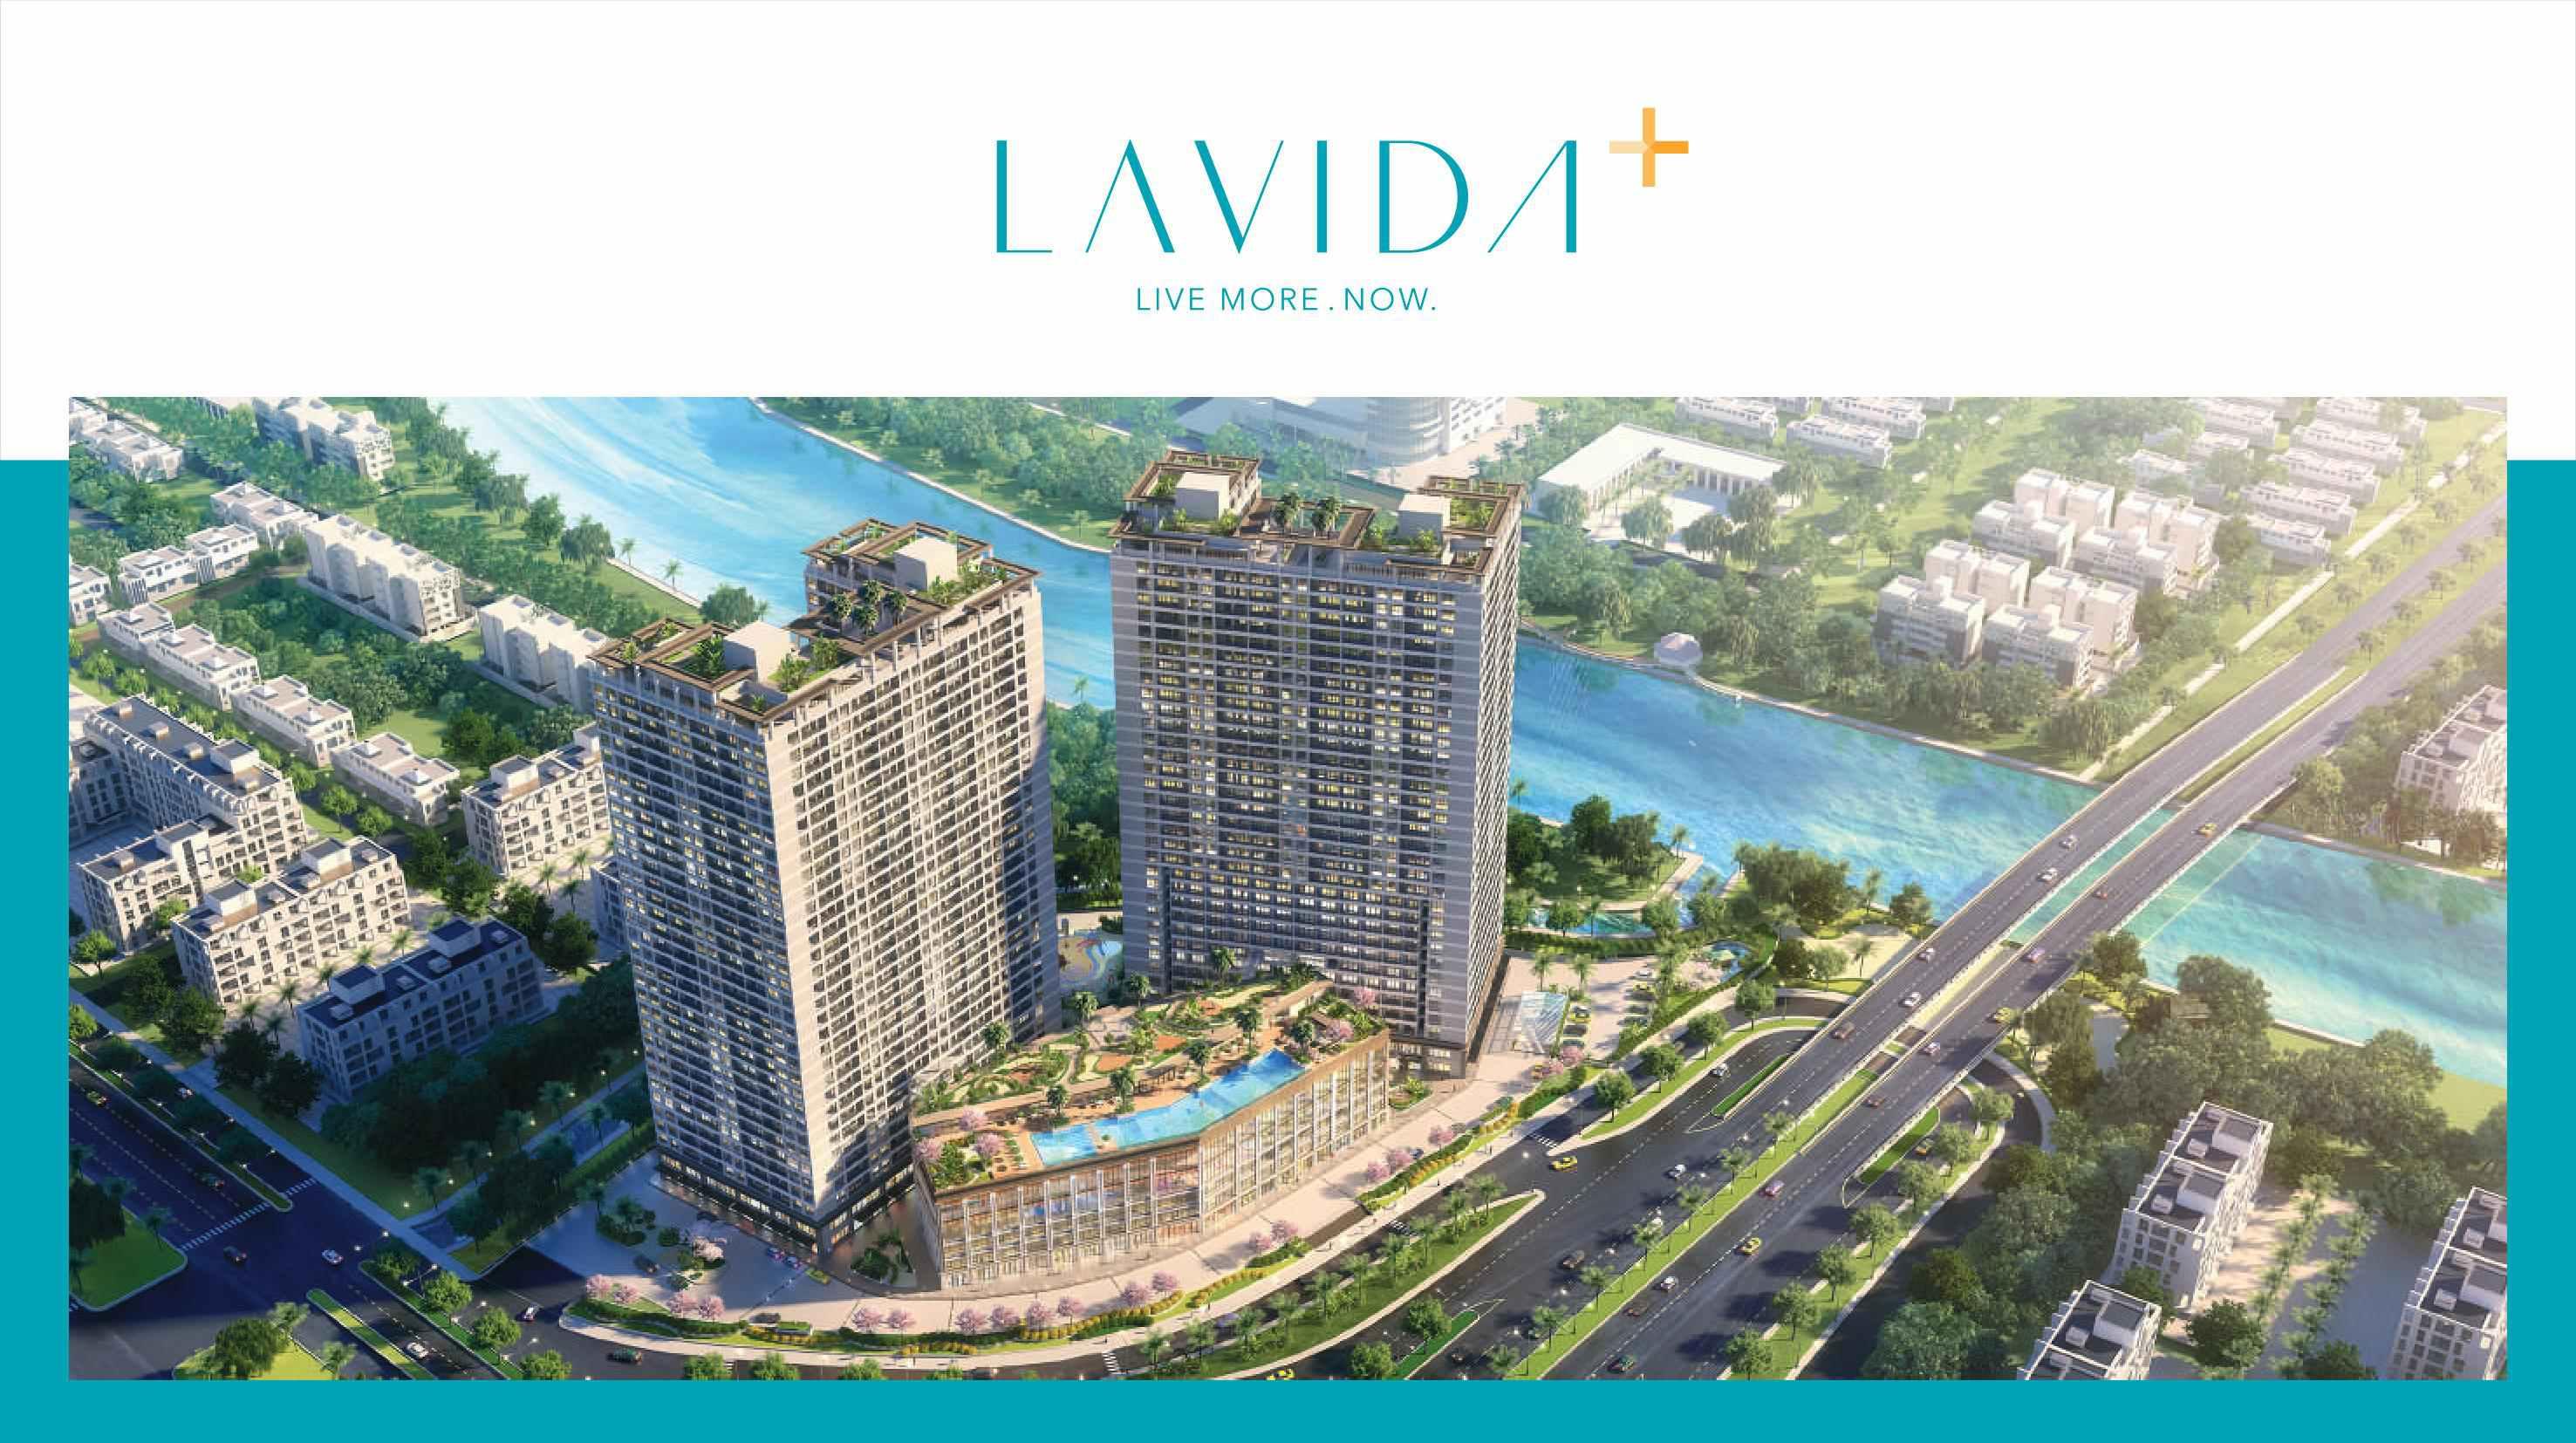 Căn hộ Lavida Plus